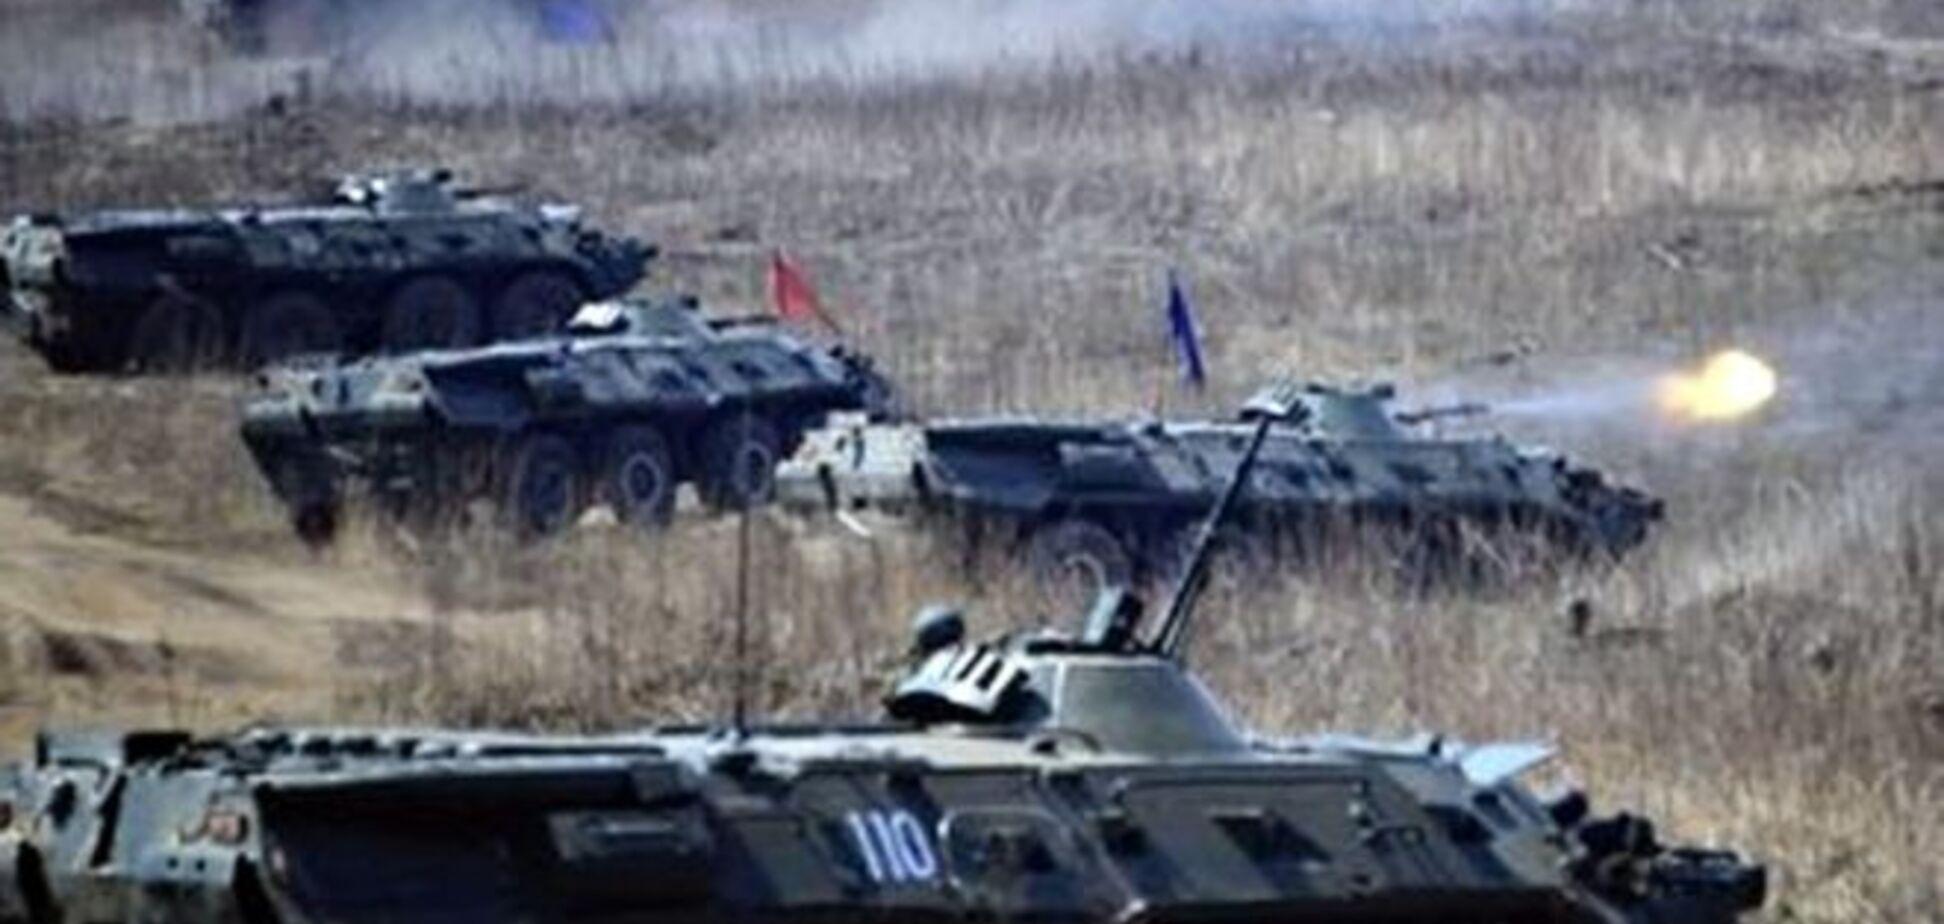 Террористы нацелили танки и пехоту на позиции сил АТО под Донецком - штаб